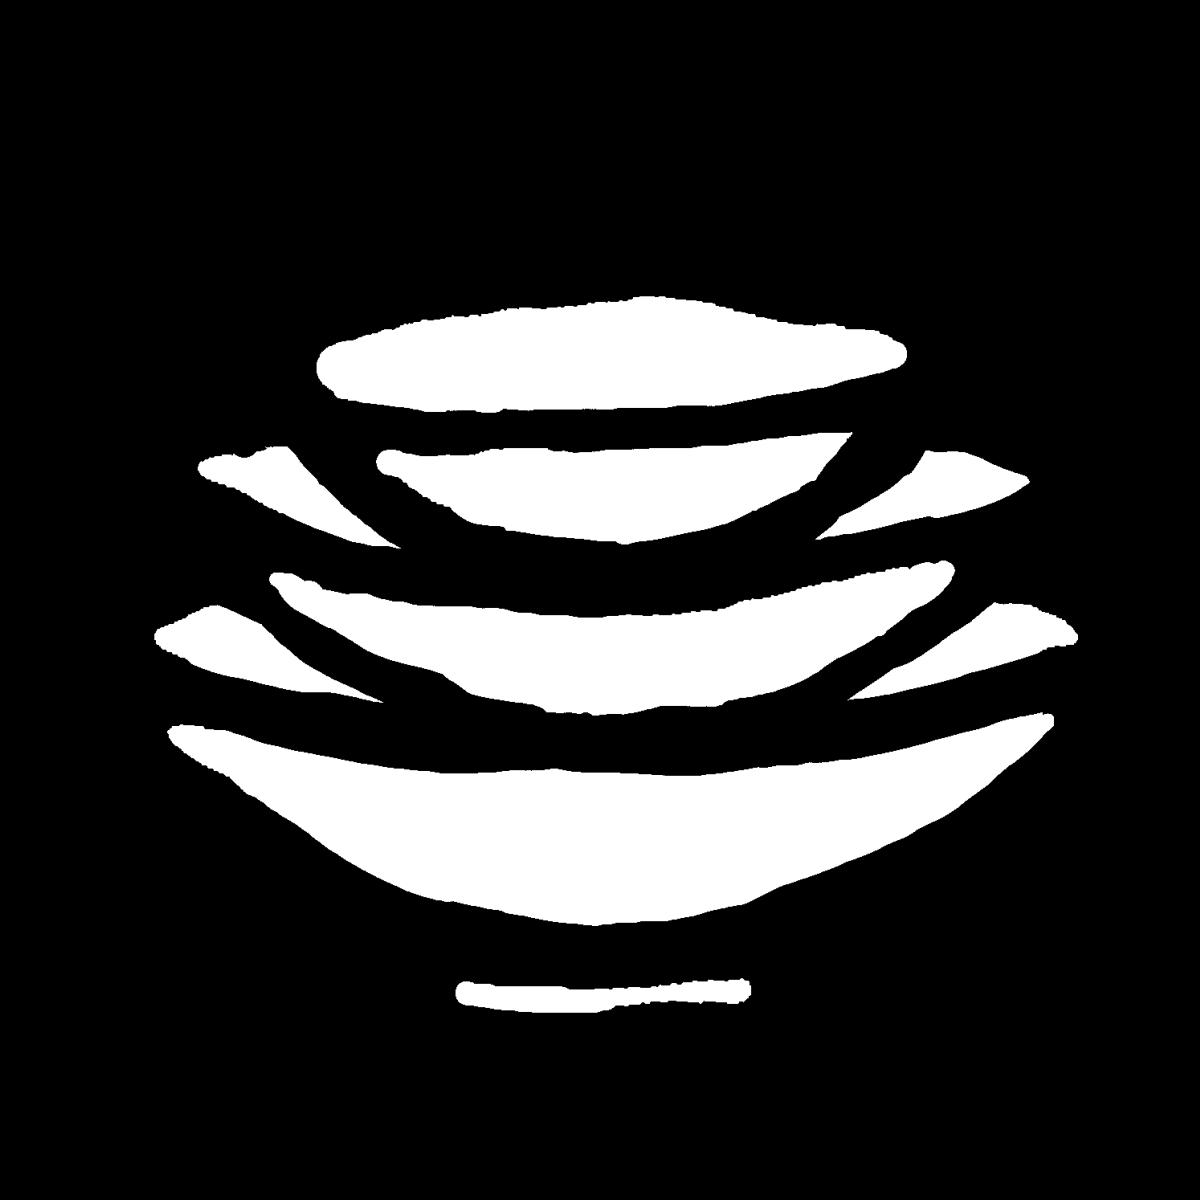 重なった盃(さかずき)皿のイラスト / Stacked plates / cups Illustration